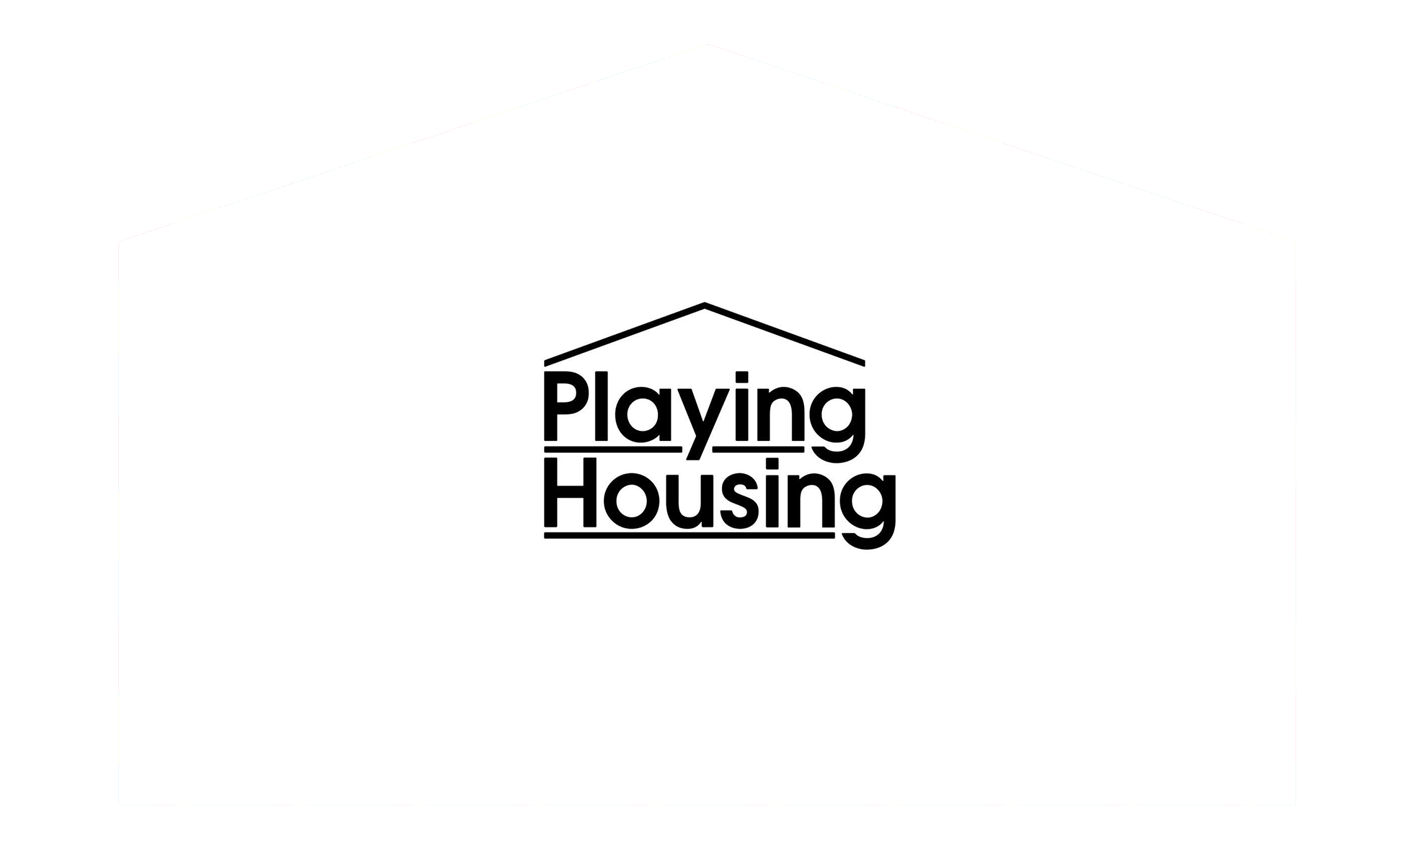 プレイングハウジング株式会社